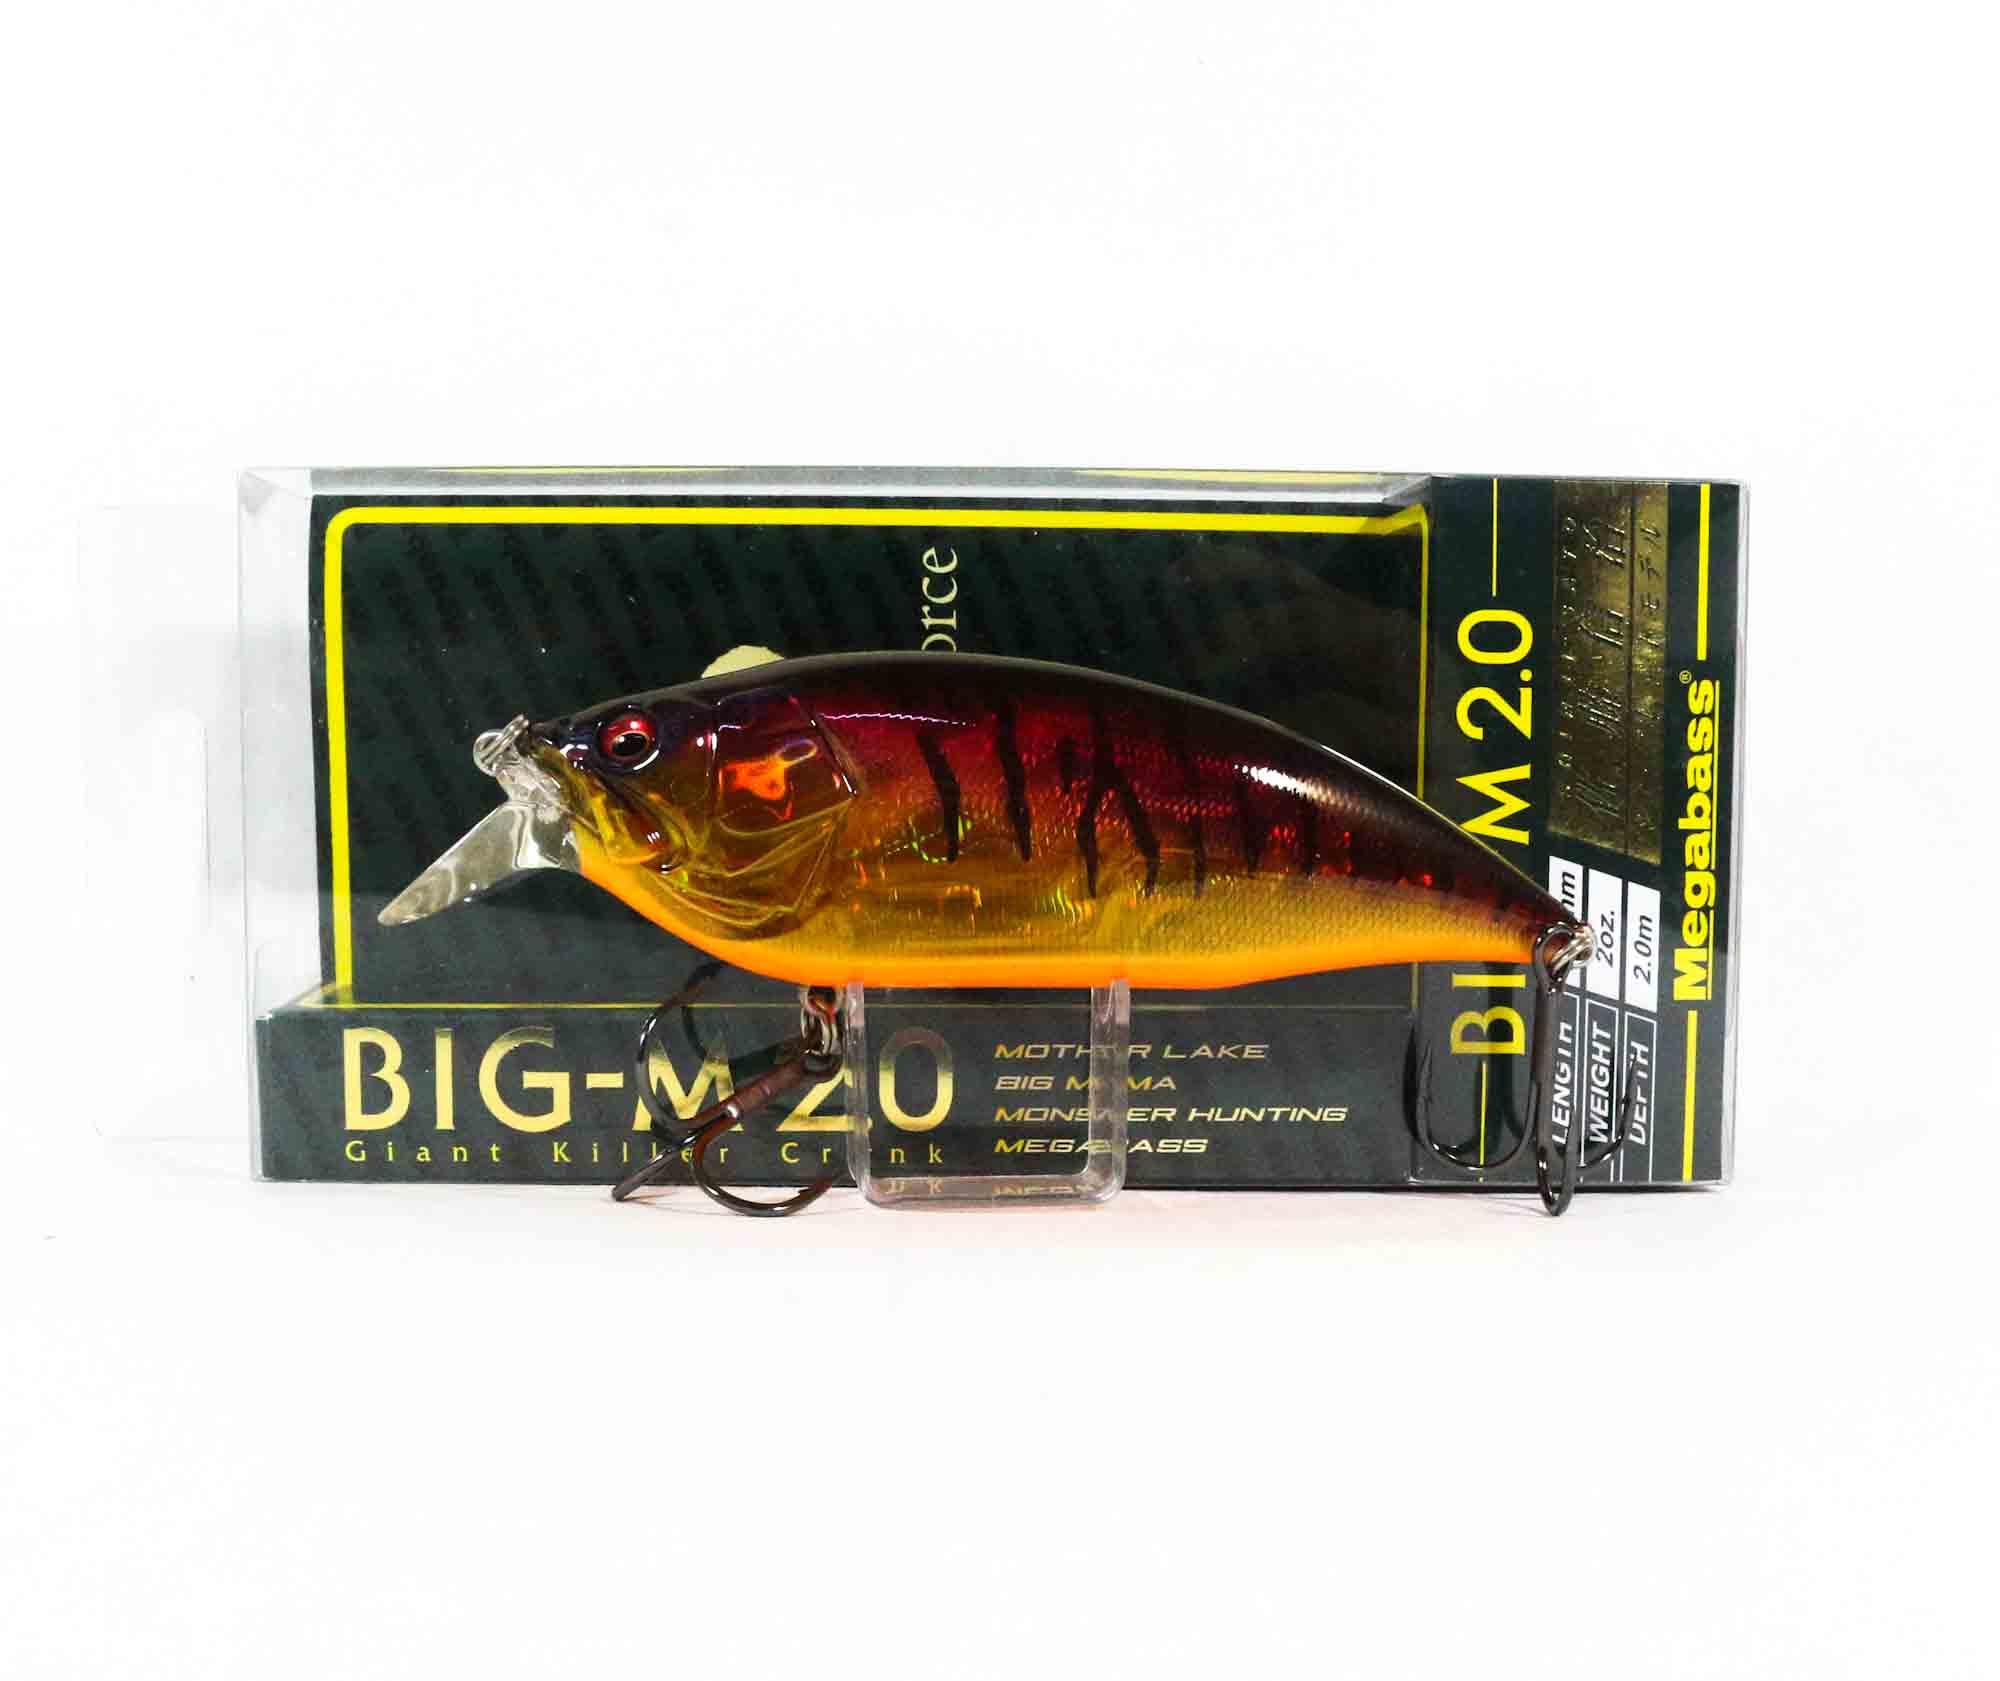 Megabass Big M 2.0 Giant Crank 126 mm Floating Lure GP Spawn Killer (6173)